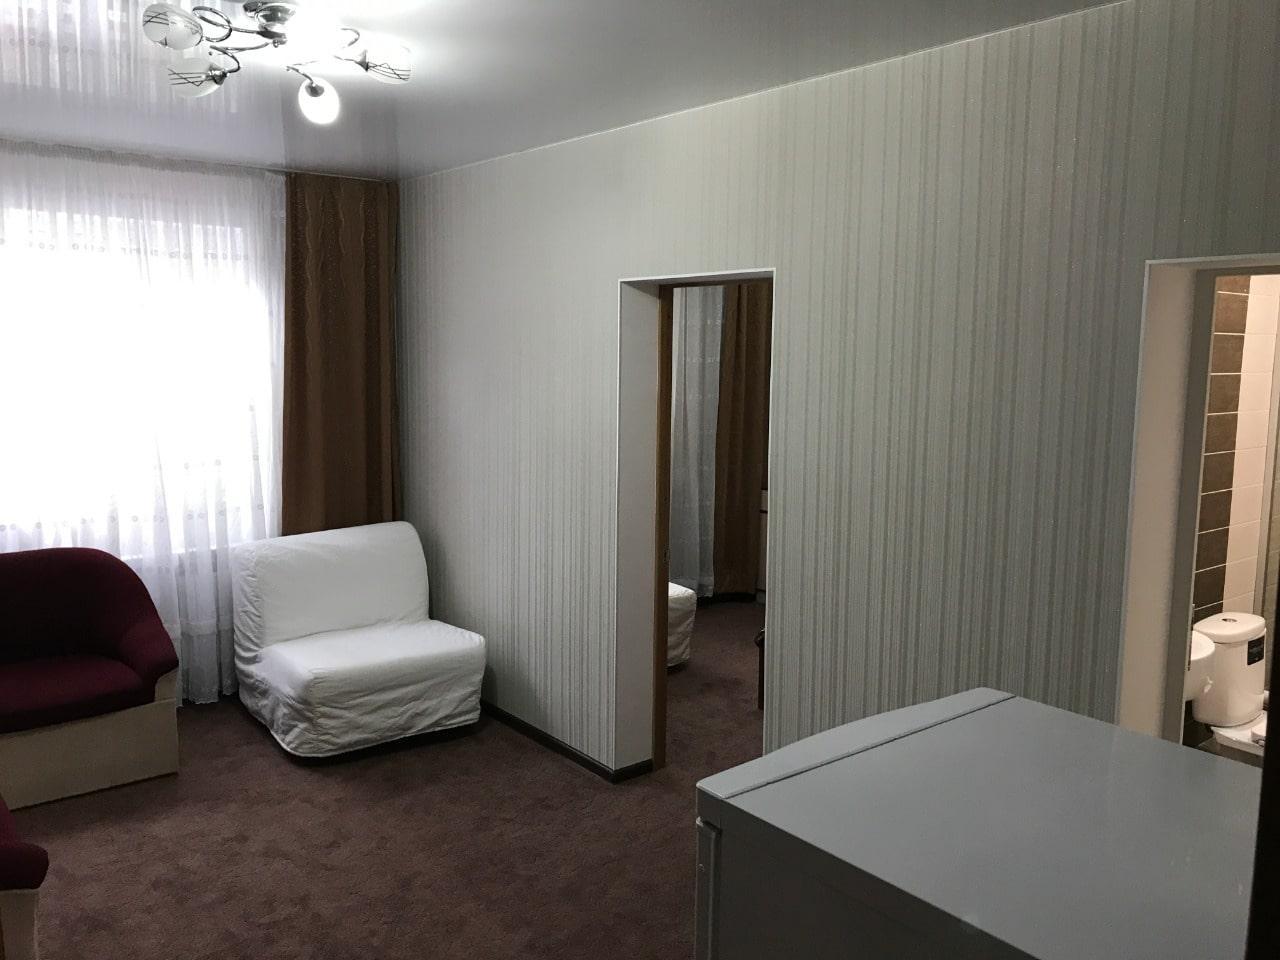 Продаётся гостевой дом у моря 483 м2 - image img_2170-min on https://bizneskvartal.ru